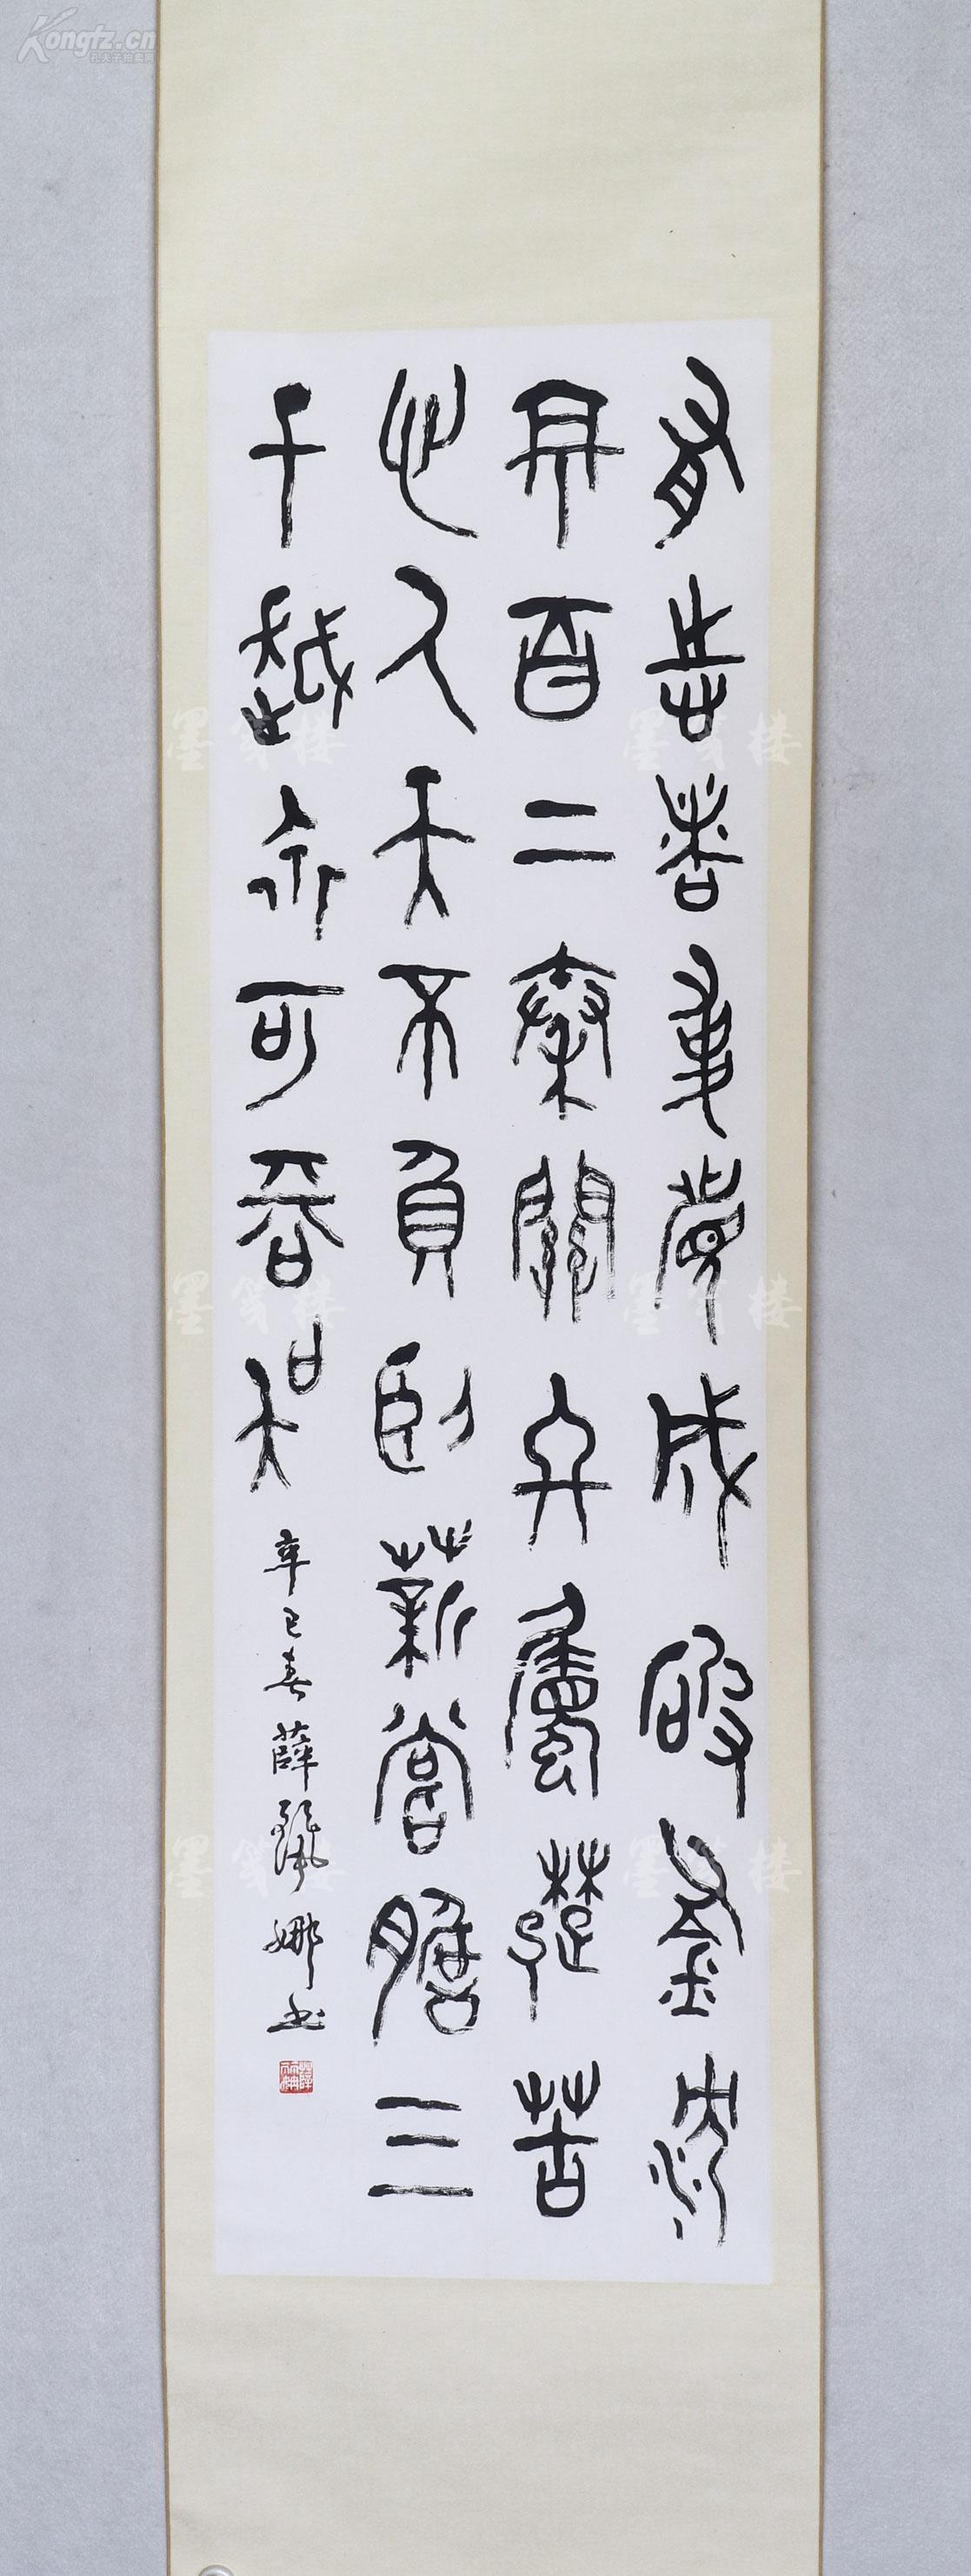 """【参展原作】著名书法家,常州书协理事 薛丽娜 2001年篆书书法""""有志者图片"""